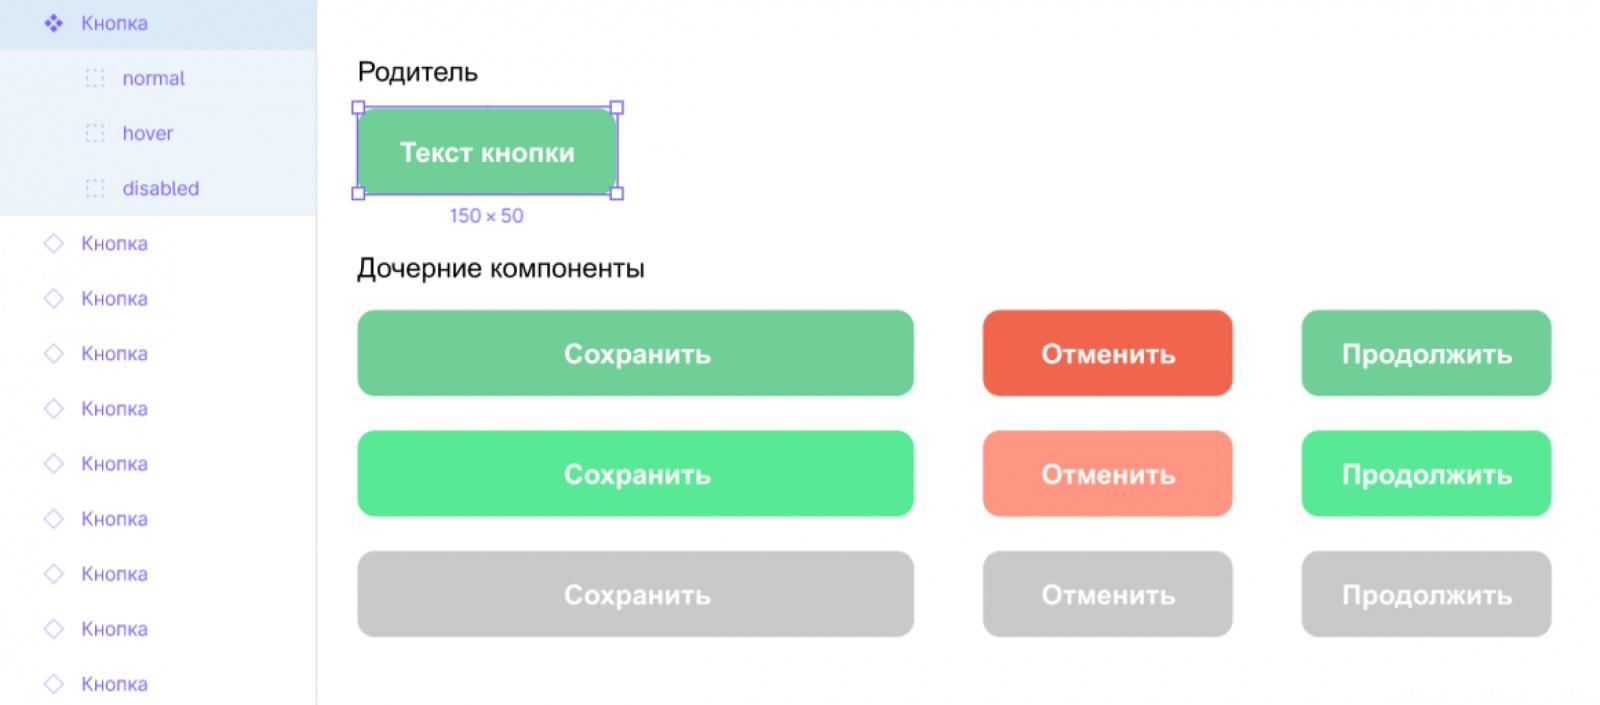 Правила подготовки макетов в Figma - 10